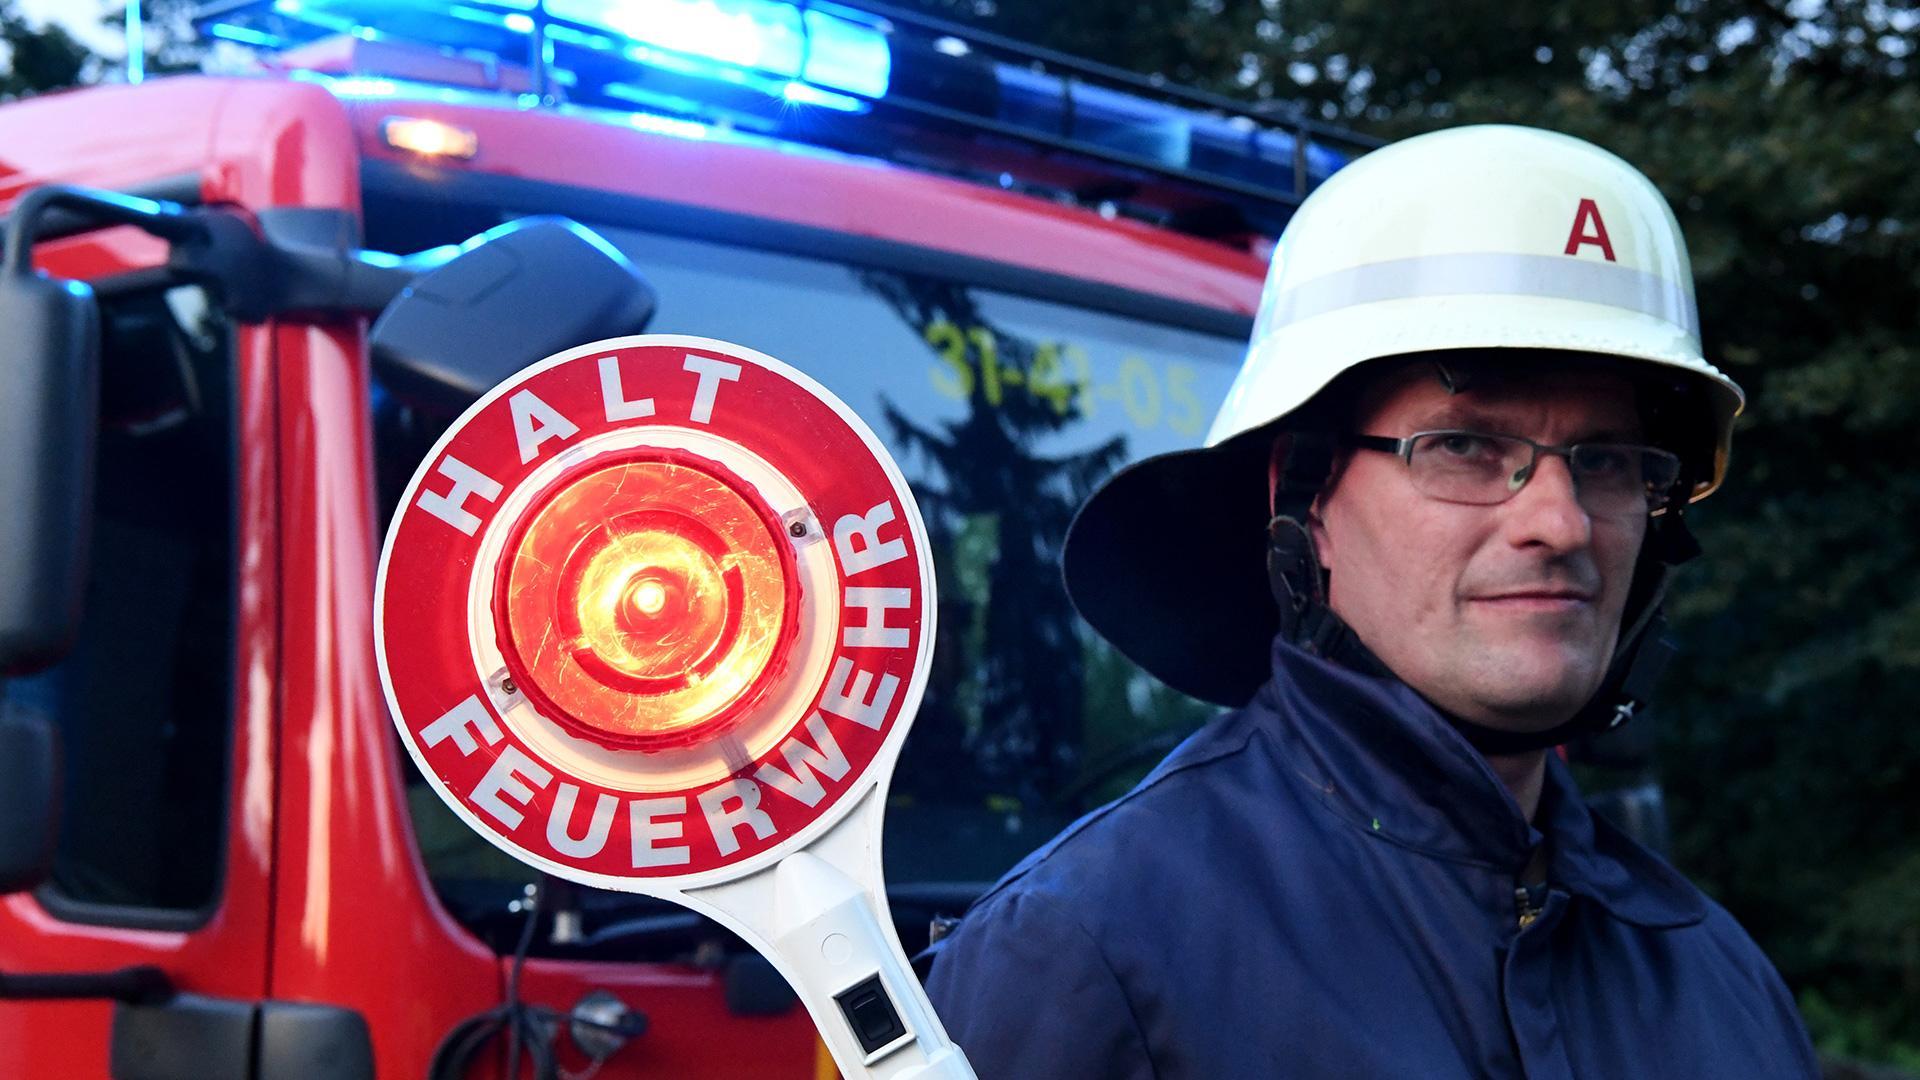 Ehrenamt am Limit - Bleibt unsere Solidarität auf der Strecke? Feuerwehr